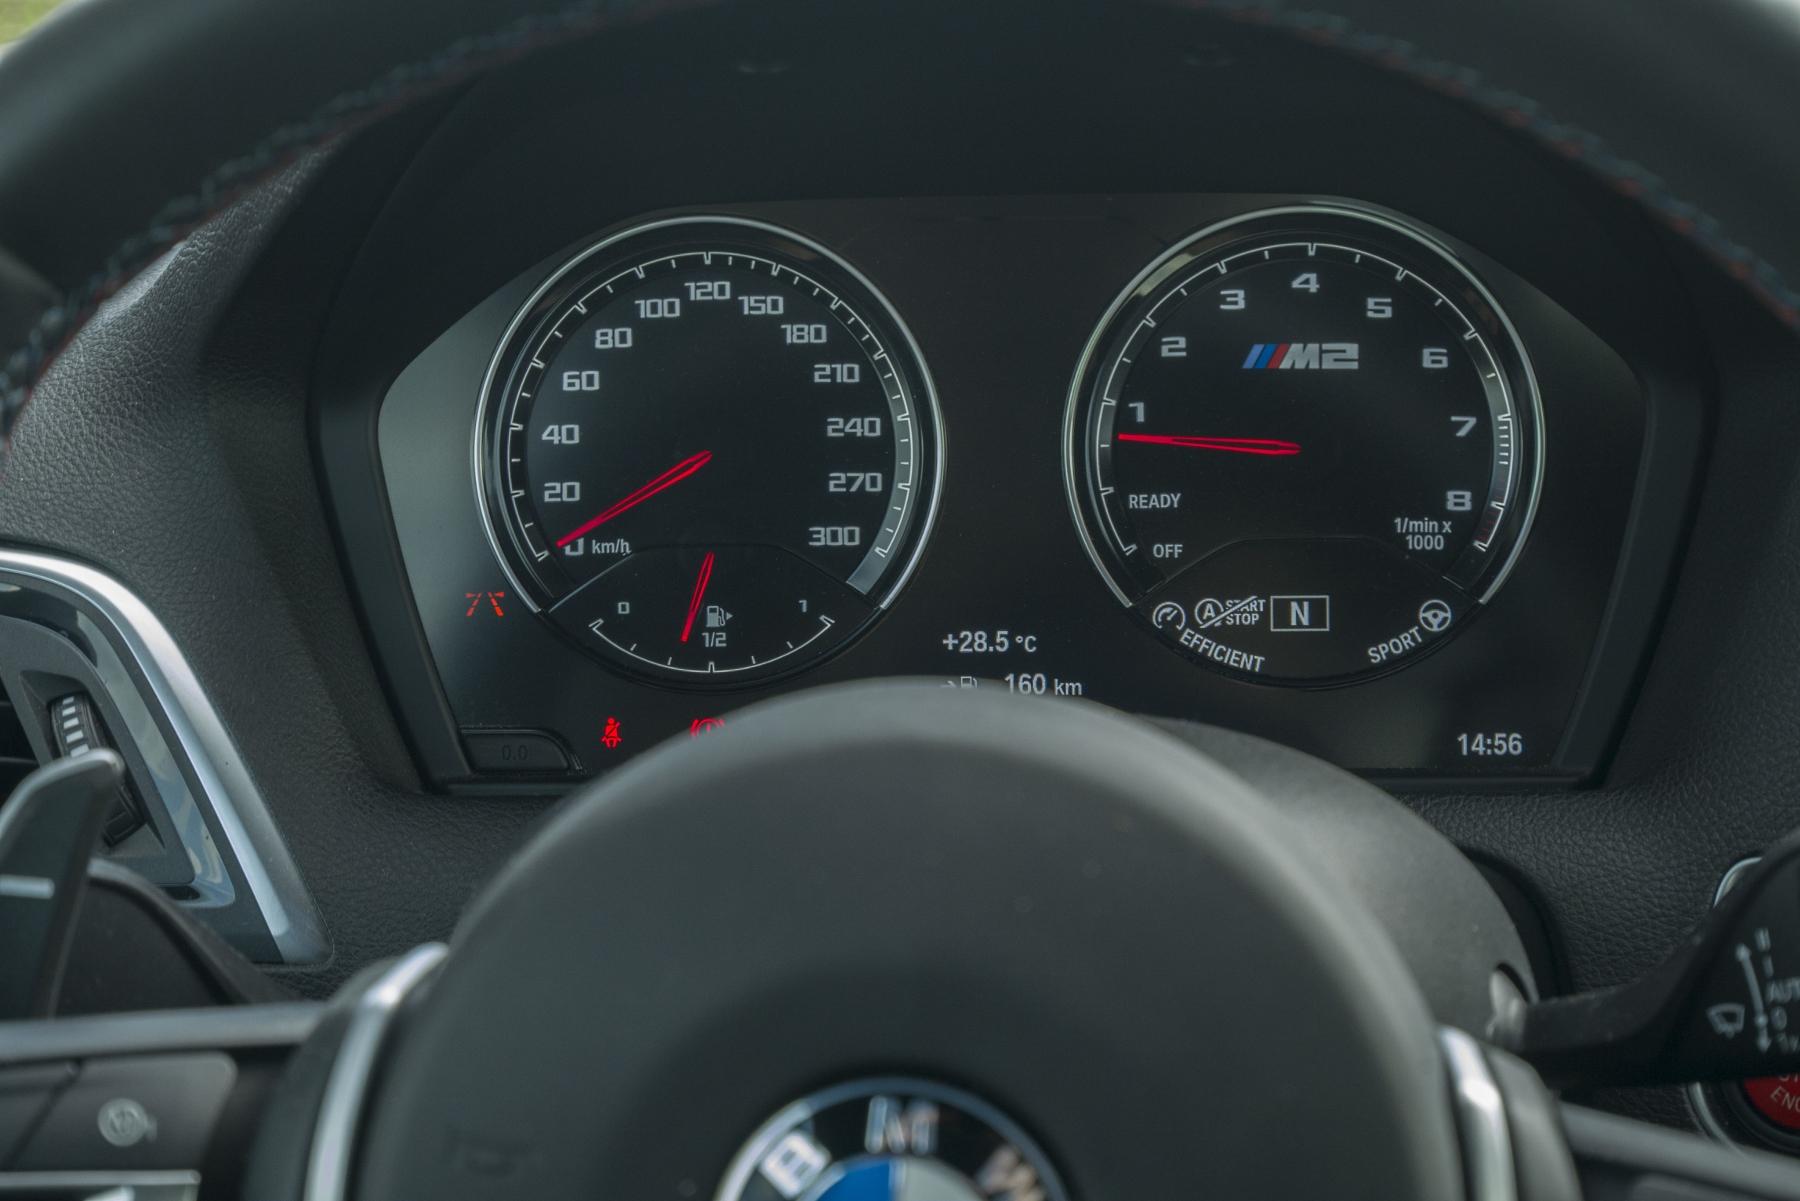 Test: BMW M2 Competition je nálož plná zábavy WR3jefihdl bmw-m2-18